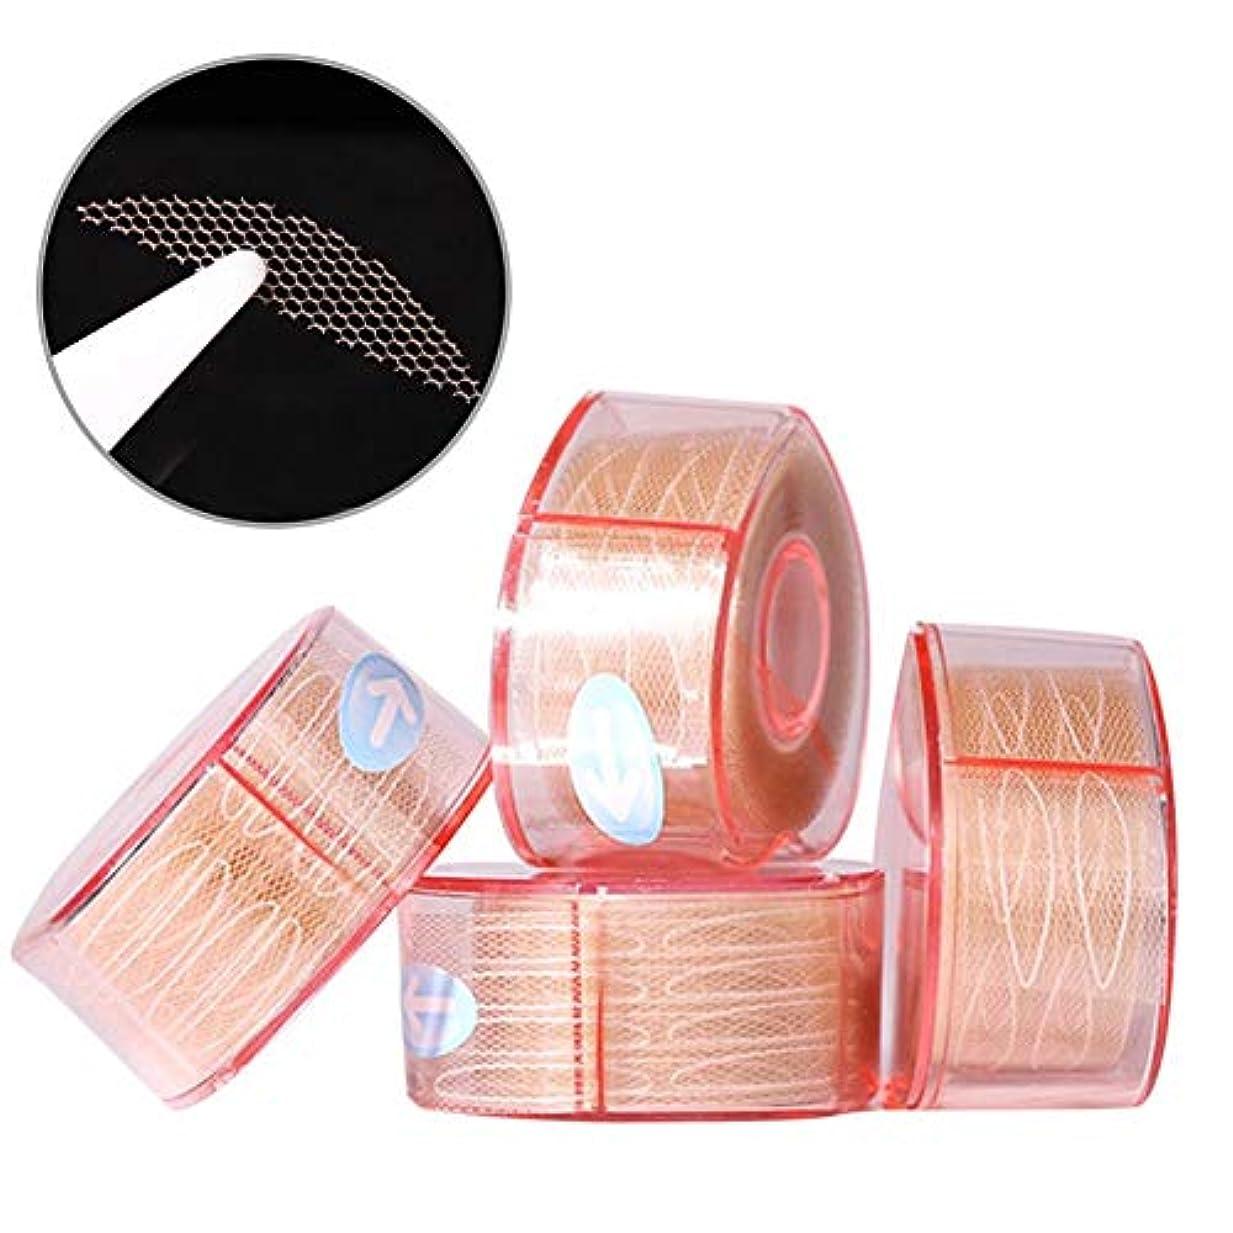 きつく合併建設ナチュラルアイテープ 二重まぶたステッカー 二重まぶたテープ 300組セット メッシュ 見えない バレない 通気性 アイメイク 4タイプ選べる junexi